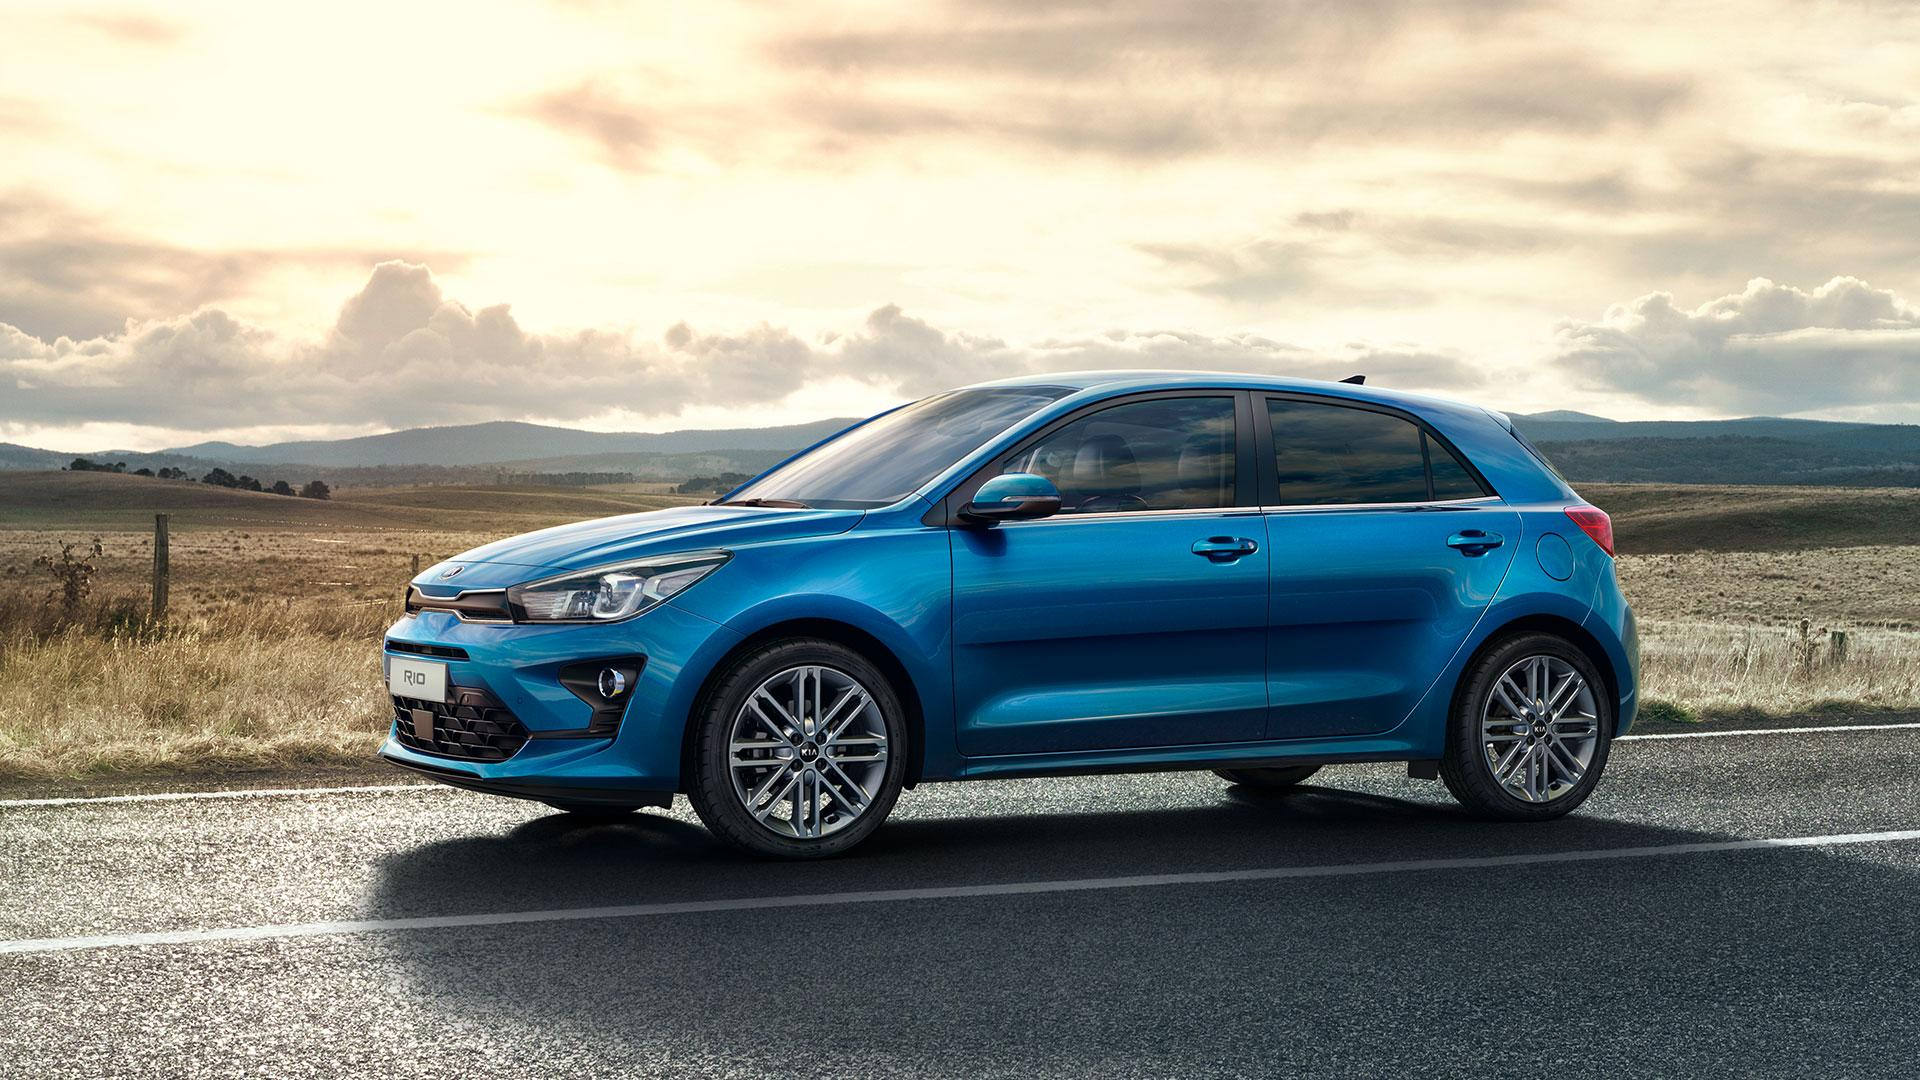 Kia Rio Facelift 2020 blauw